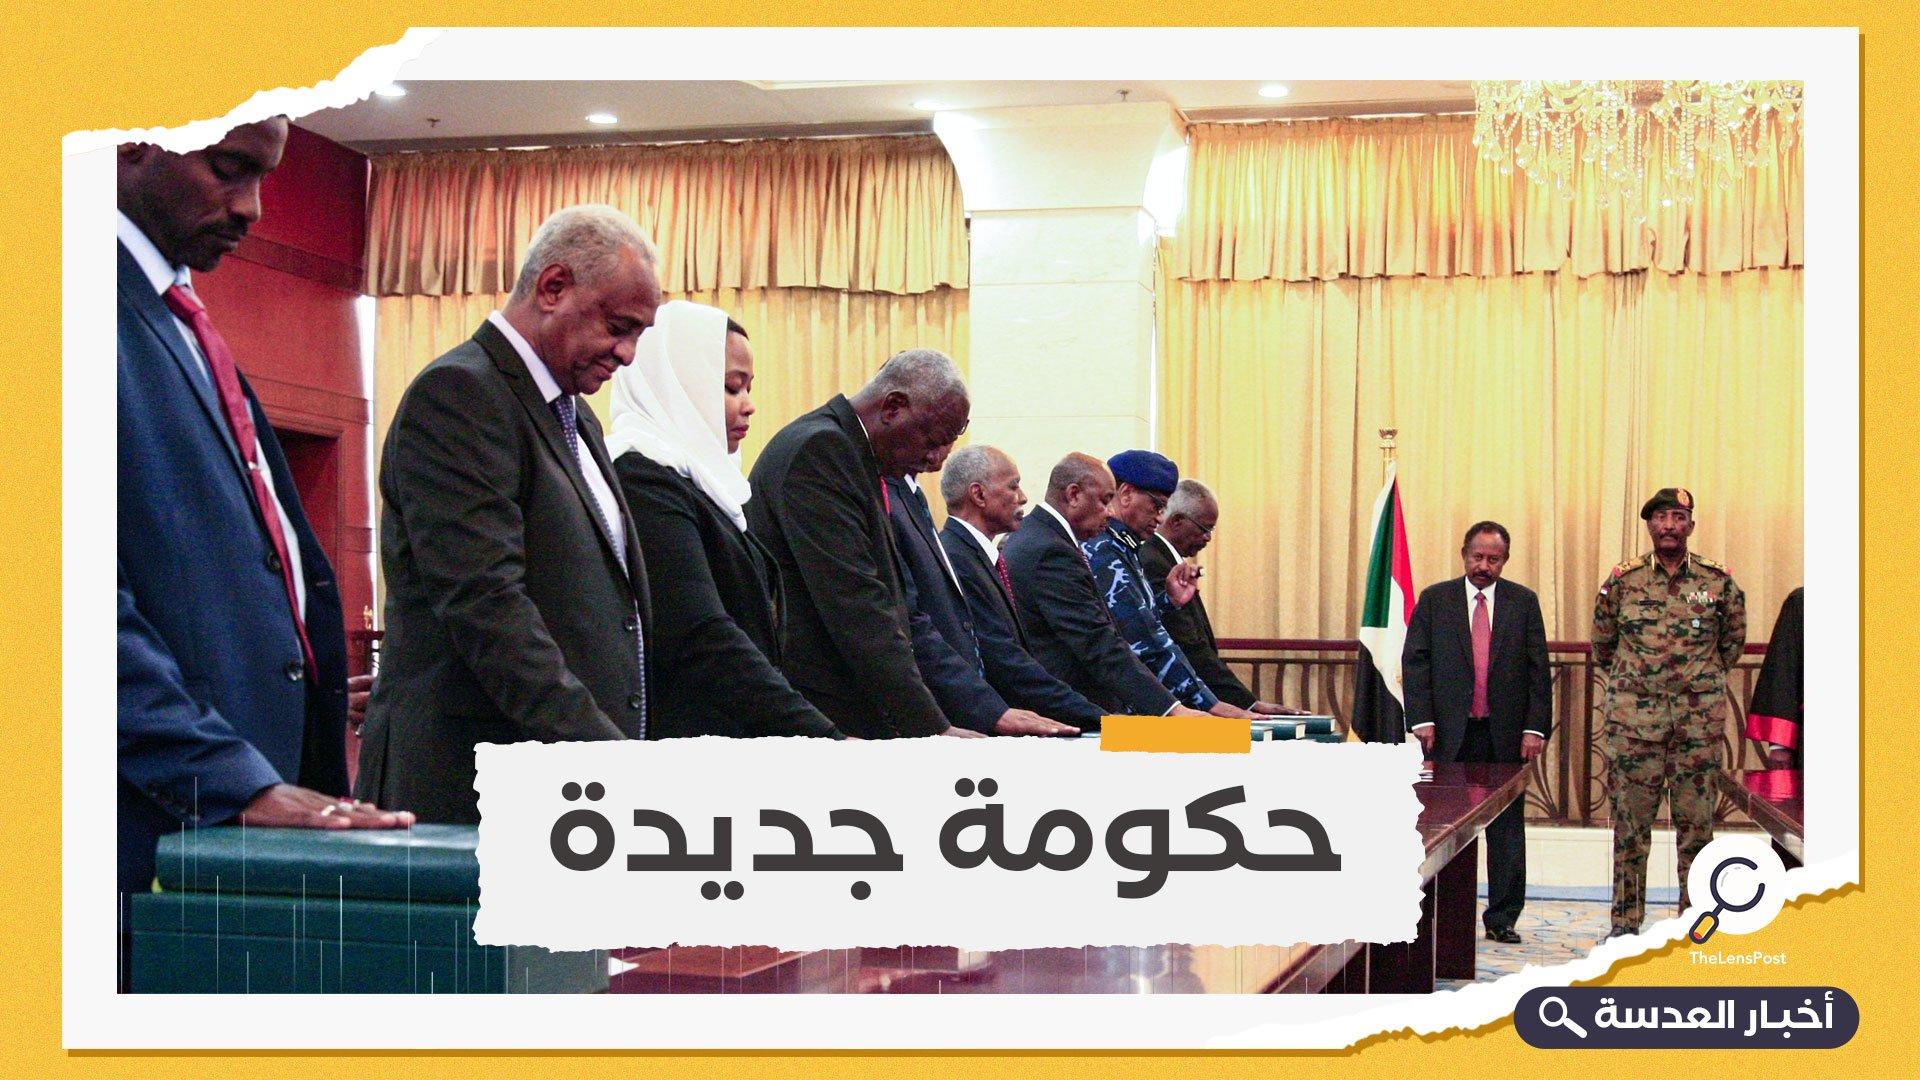 السودان.. تأجيل التشكيل الوزارى الجديد للتشاور